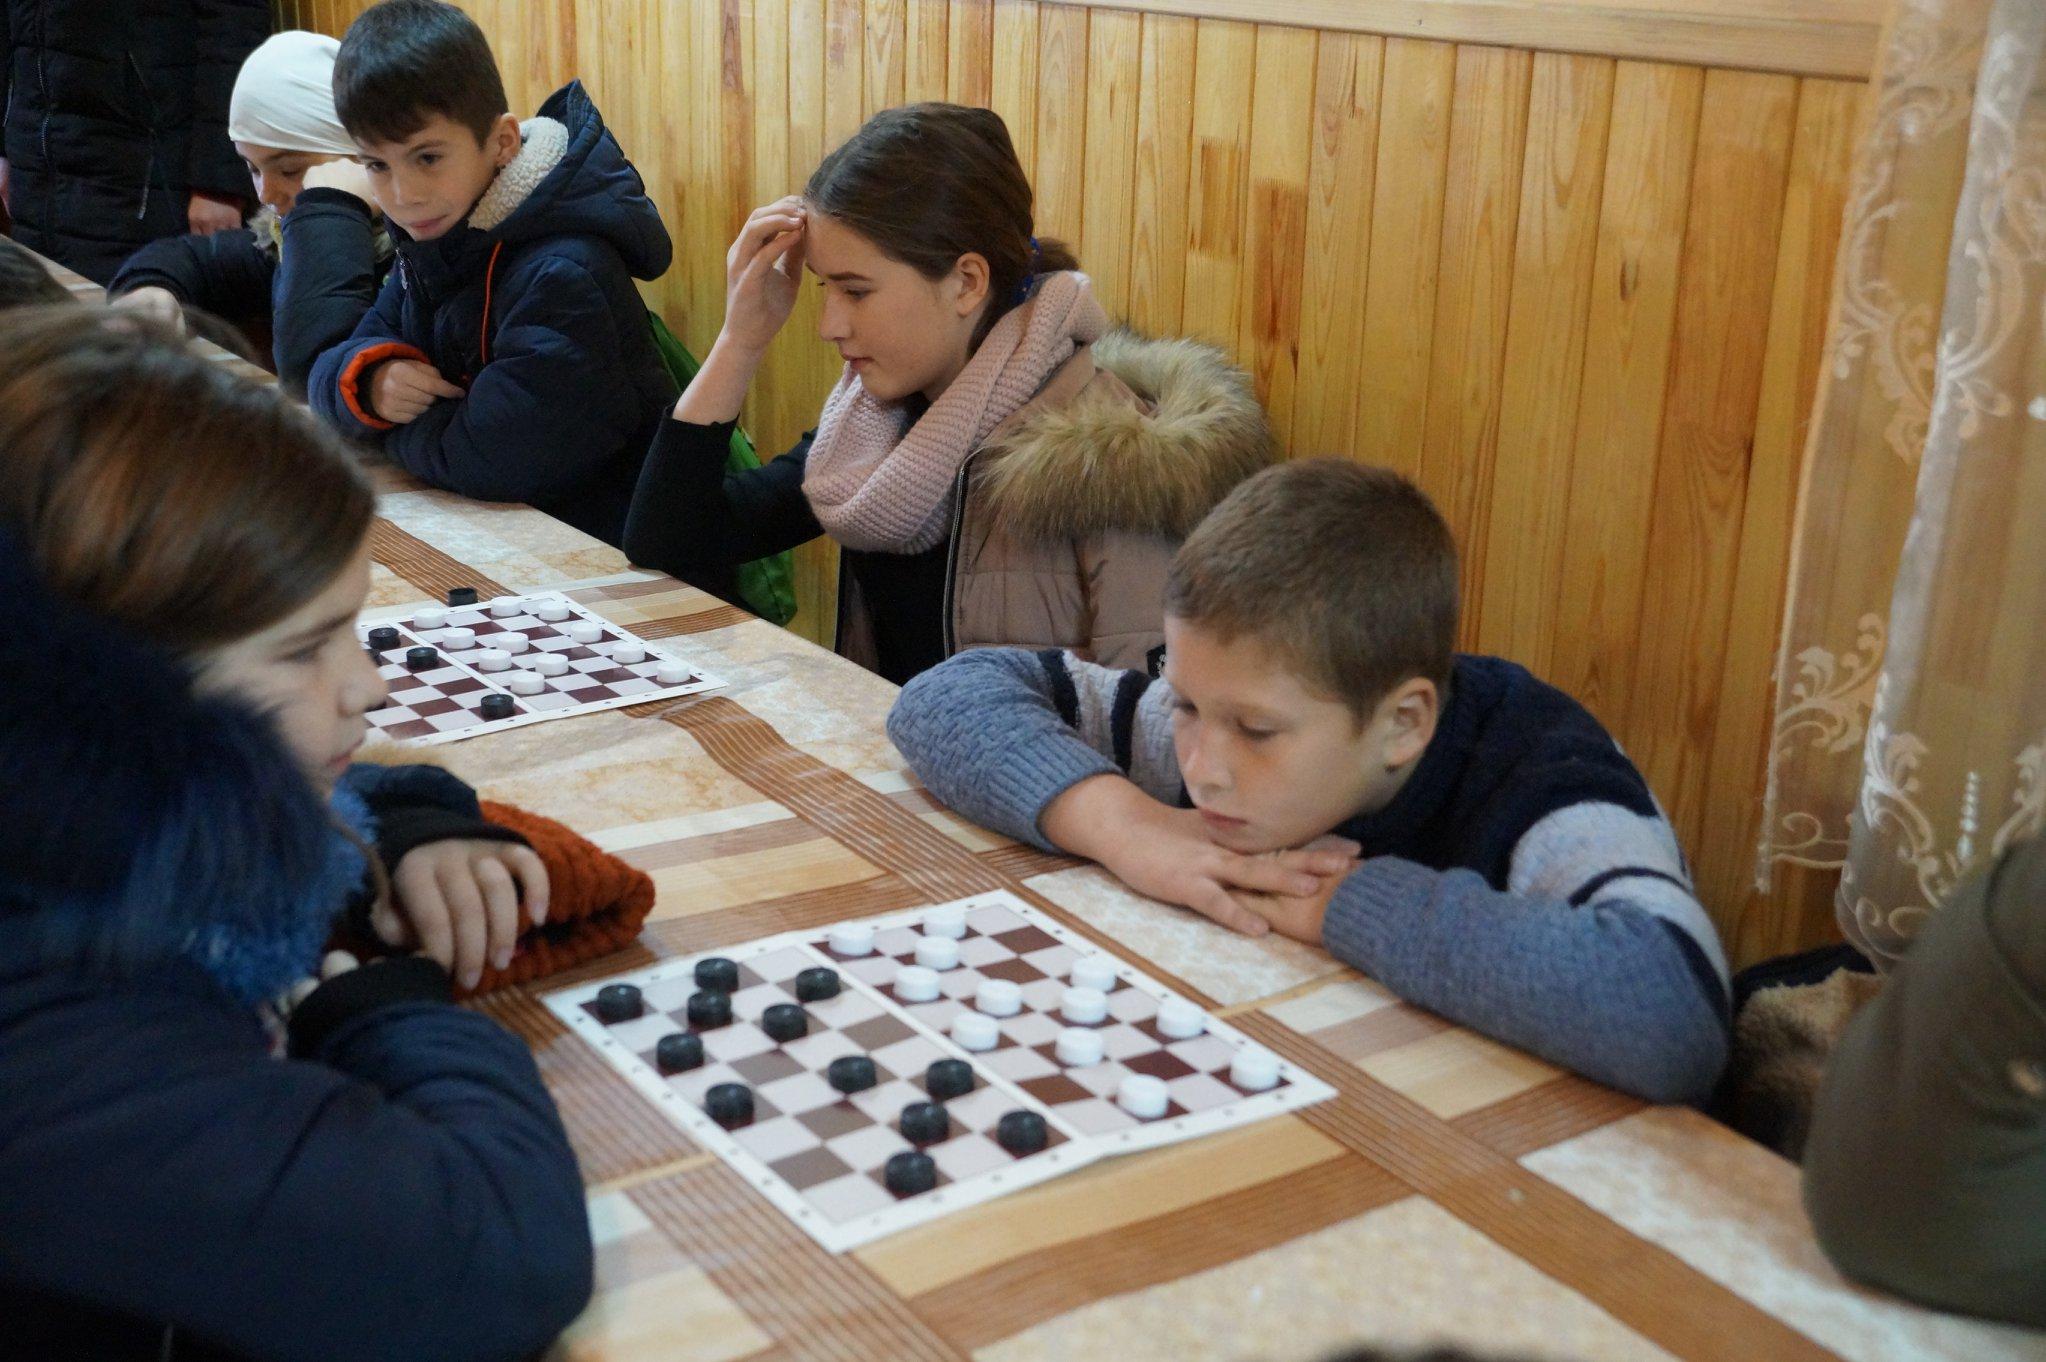 В Килии состоялся очередной шахматный турнир, организованный благочинием